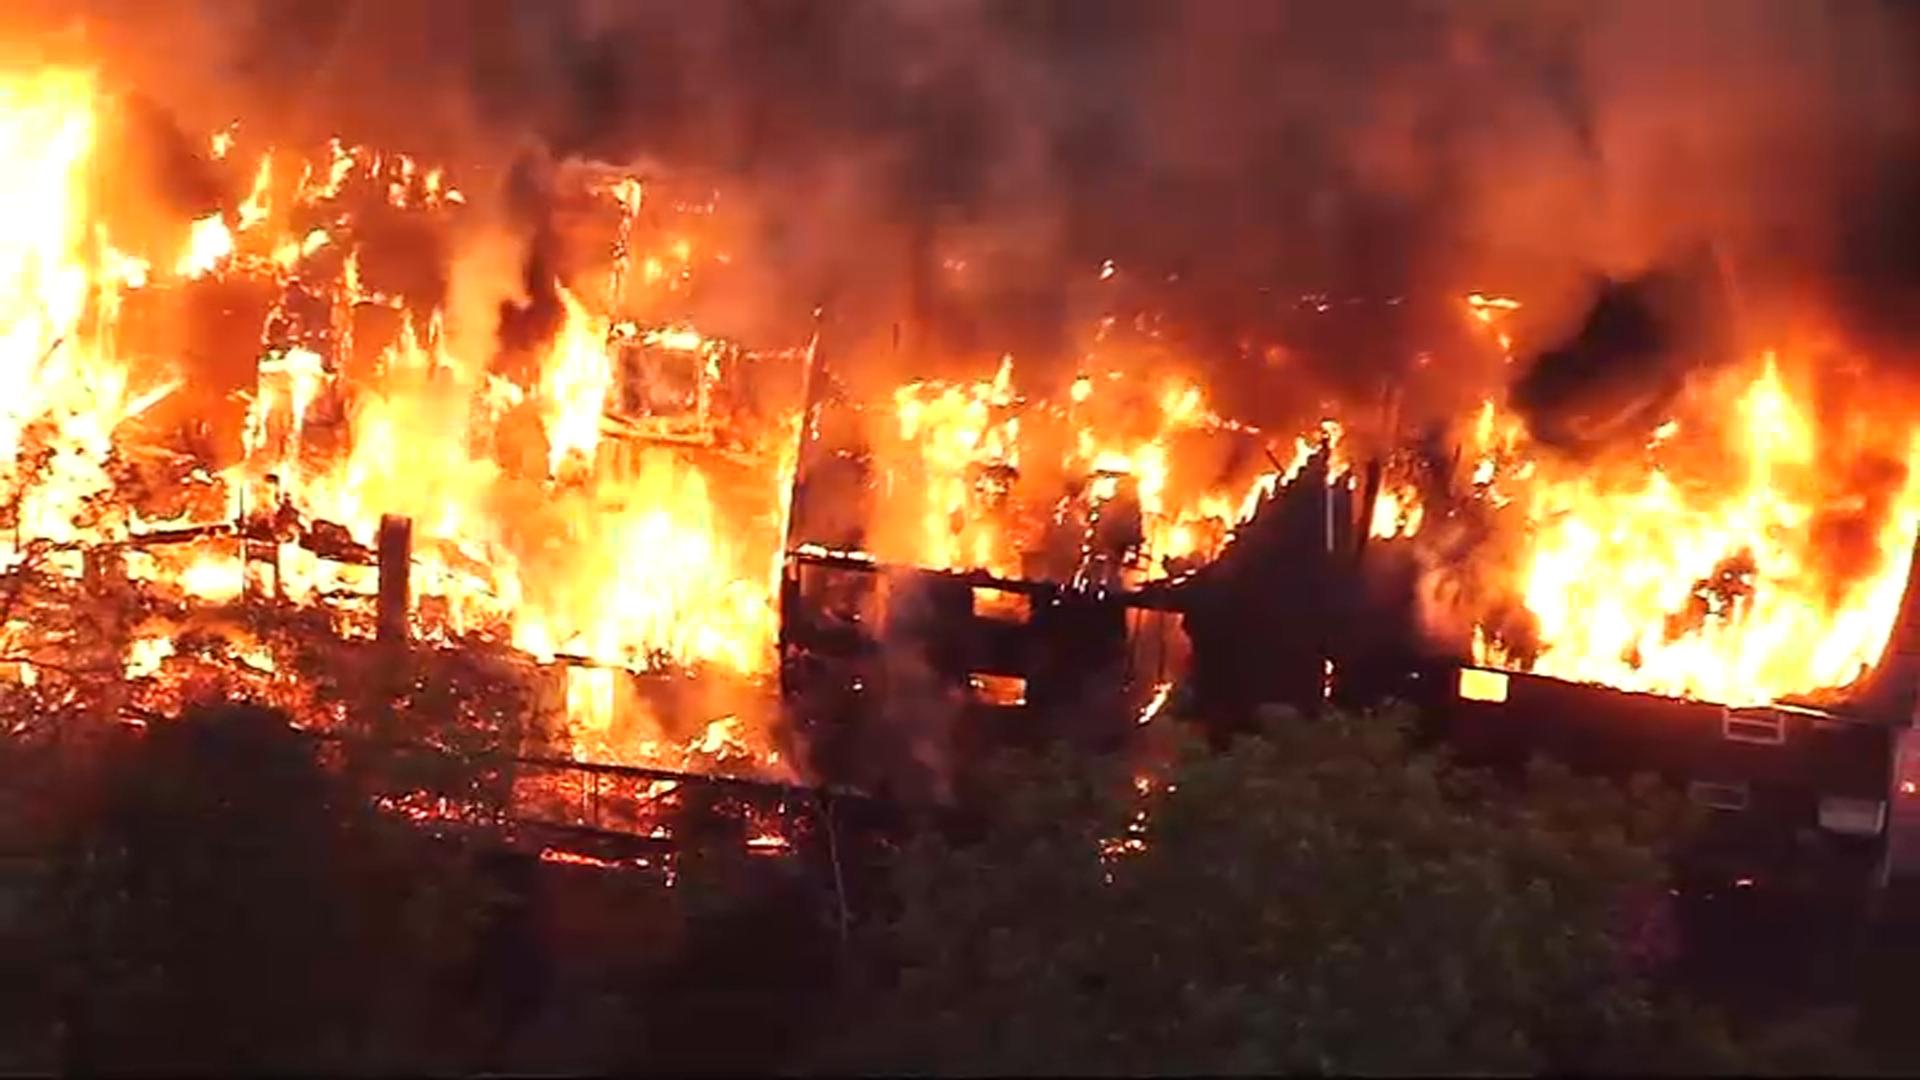 Condominios en Lawrence quedan en escombros tras incendio